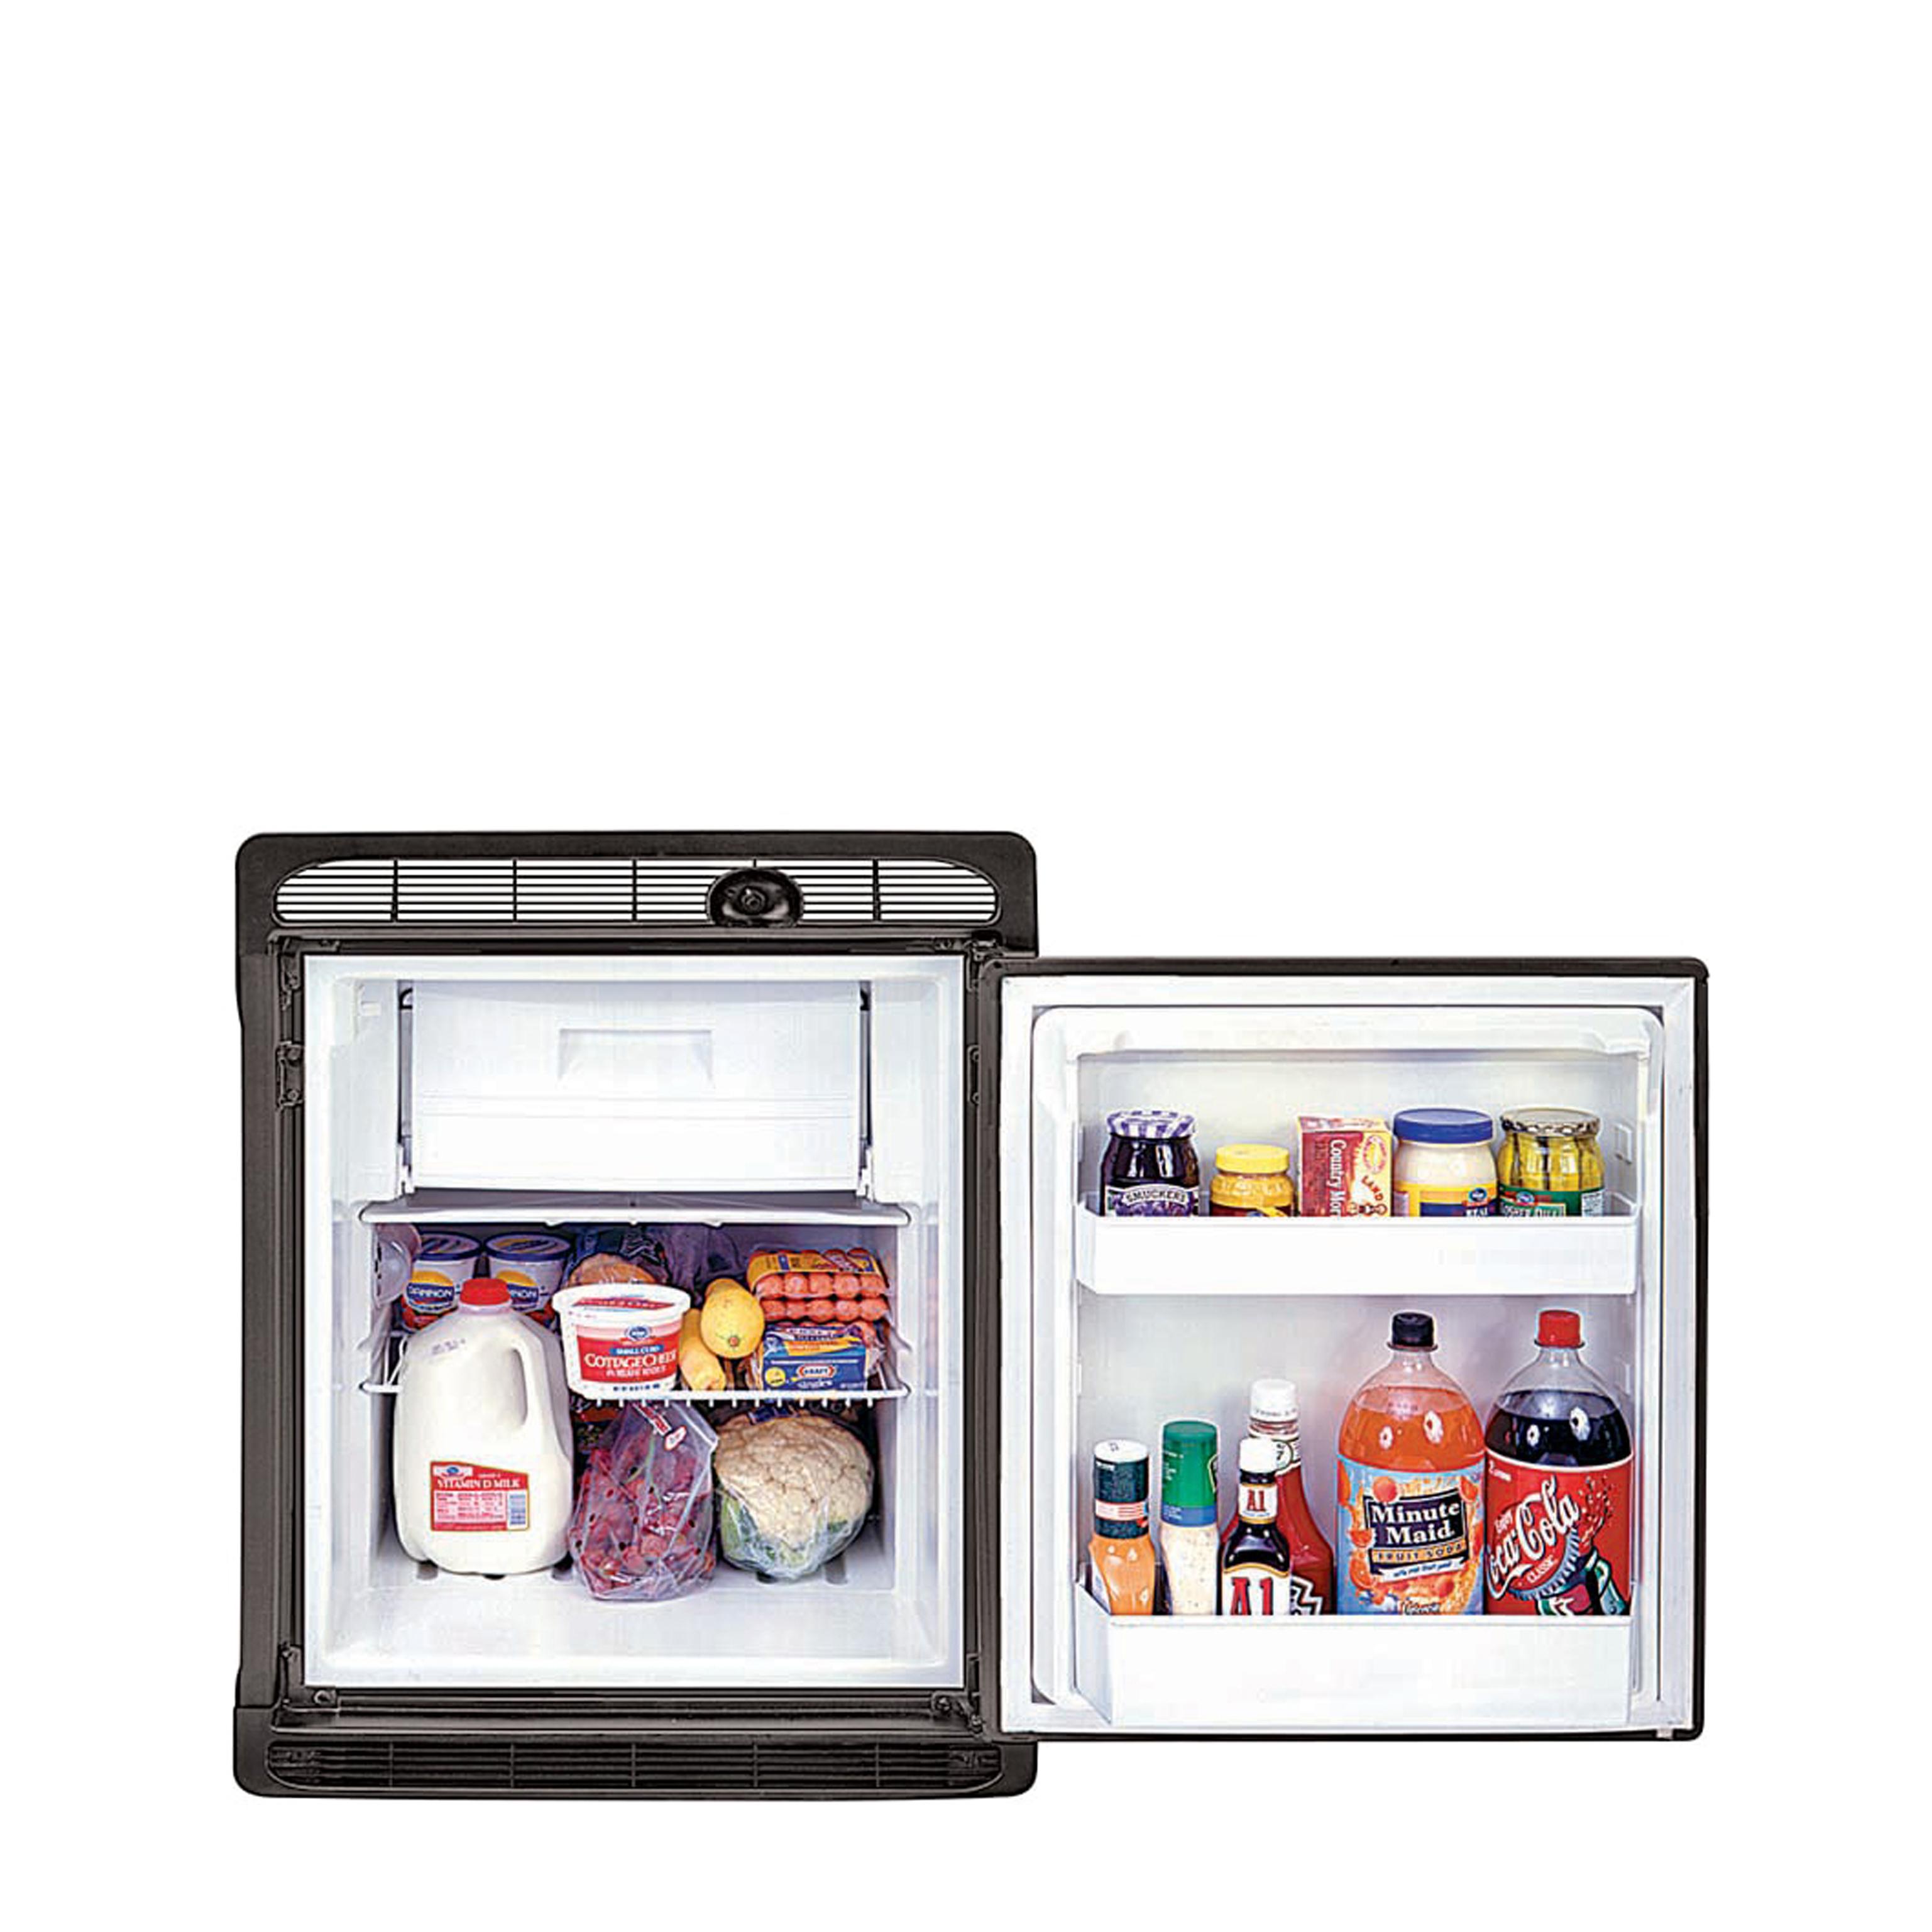 norcold ac dc refrigerator schematics wiring diagram data nl norcold  refrigerator manuals norcold ac dc refrigerator